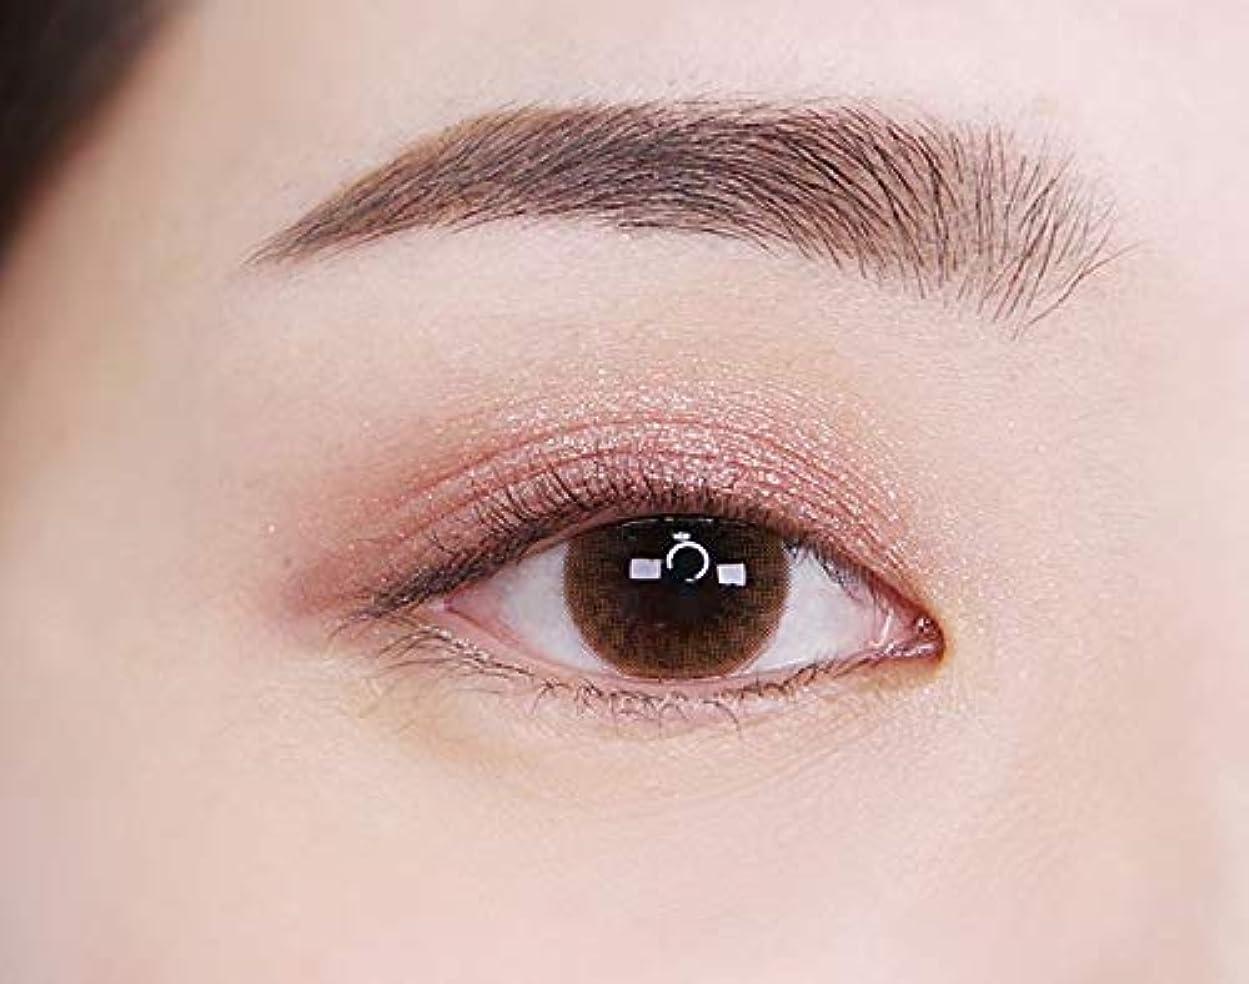 ピーク割り込み両方[イニスフリー] innisfree [マイ パレット マイ アイシャドウ (グリッタ一) 5カラー] MY PALETTE My Eyeshadow (Glitter) 5 Shades [海外直送品] (グリッタ一...